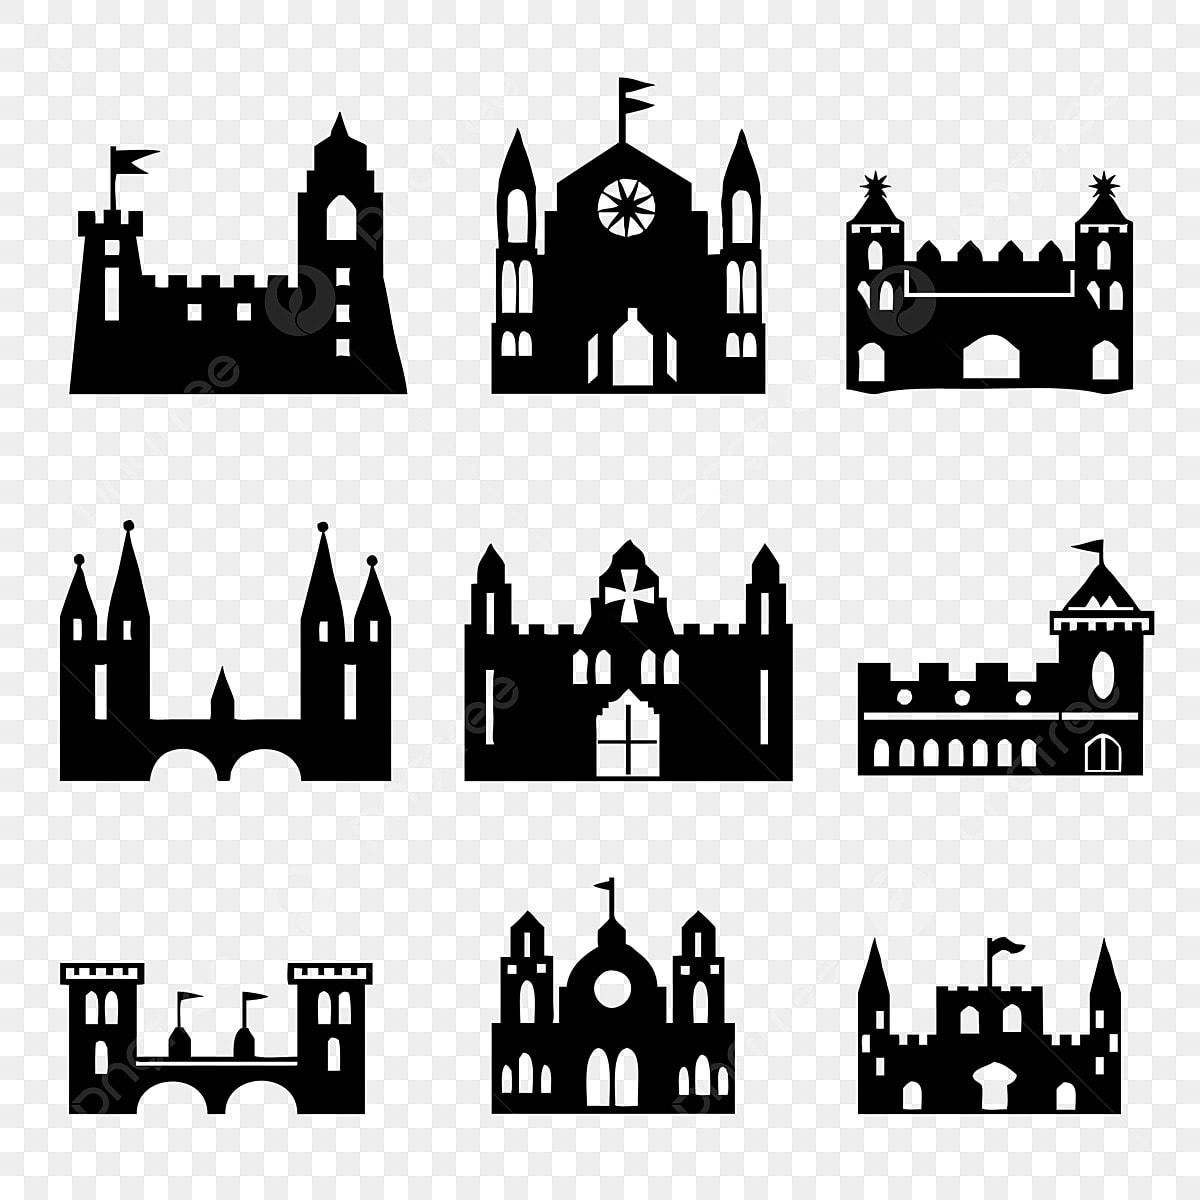 la construction de la silhouette en noir et blanc biens